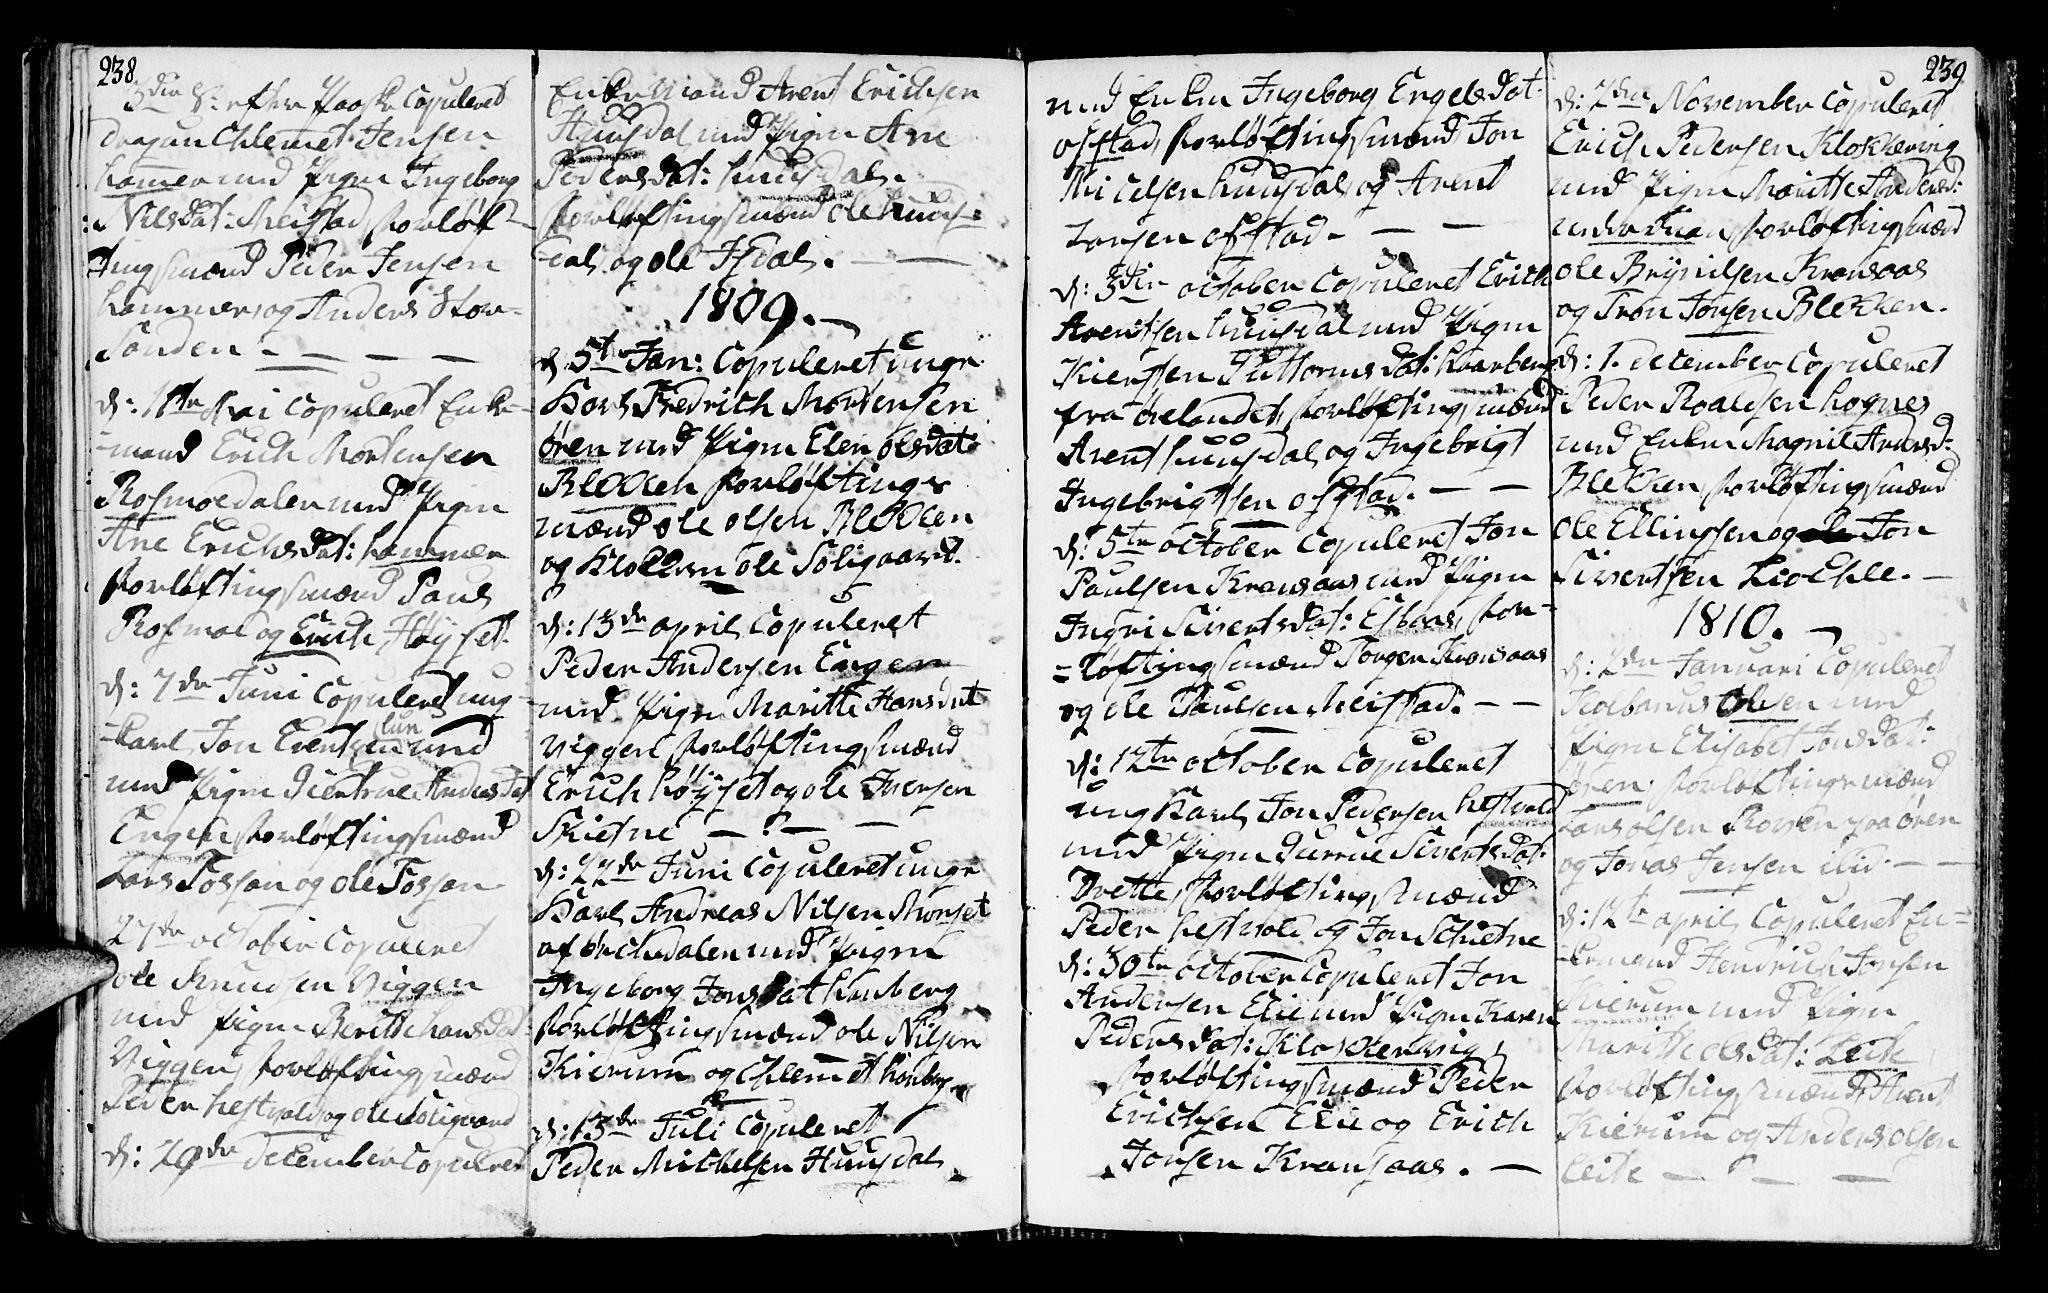 SAT, Ministerialprotokoller, klokkerbøker og fødselsregistre - Sør-Trøndelag, 665/L0769: Ministerialbok nr. 665A04, 1803-1816, s. 238-239